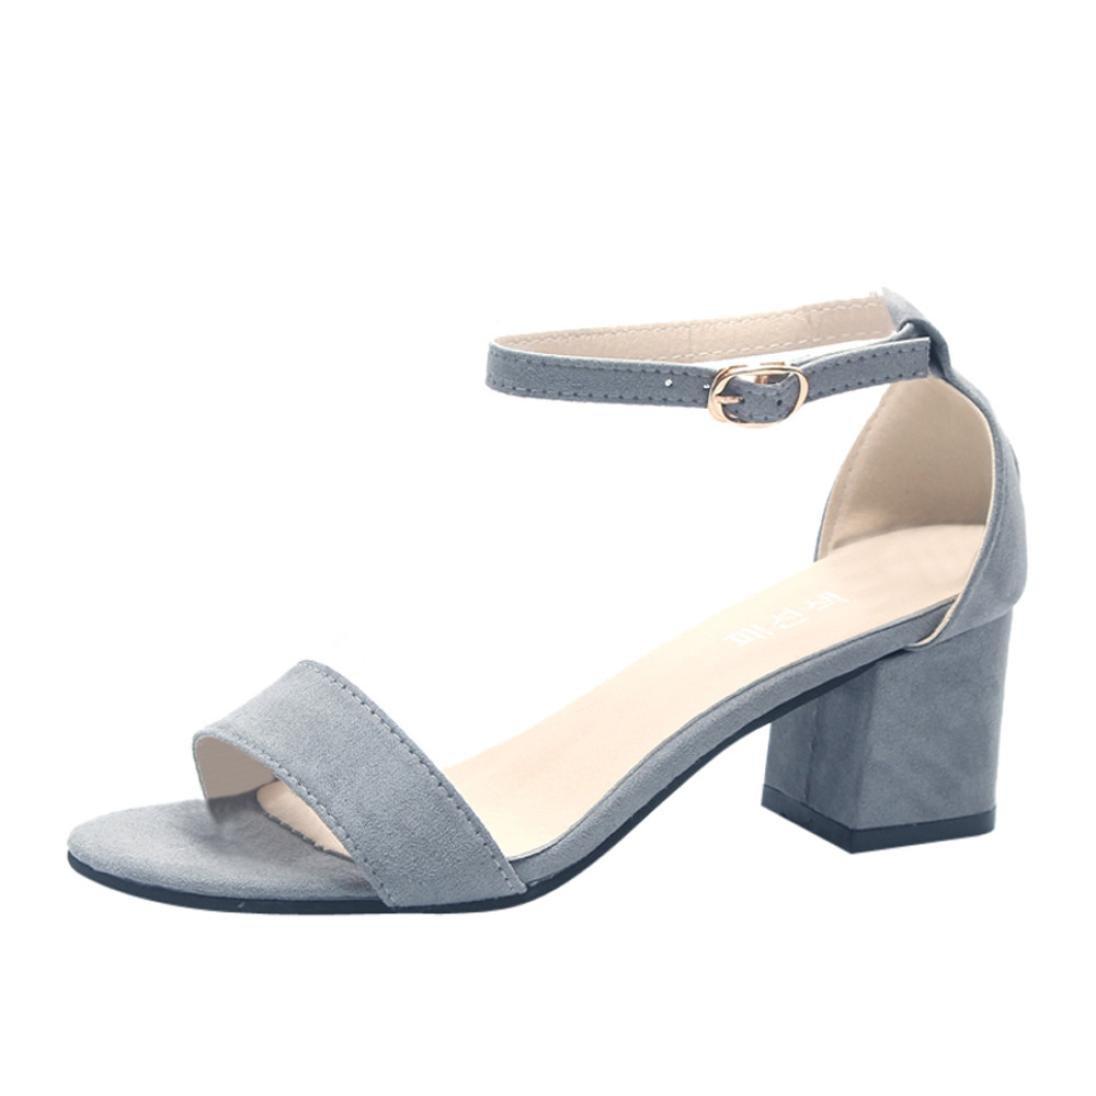 LuckyGirls Sandalias Mujer Chancleta Verano Moda Color Puro Có modos Casual Zapatos de Tacó n 5.5cm Chanclas Zapatillas de Punta Abierta